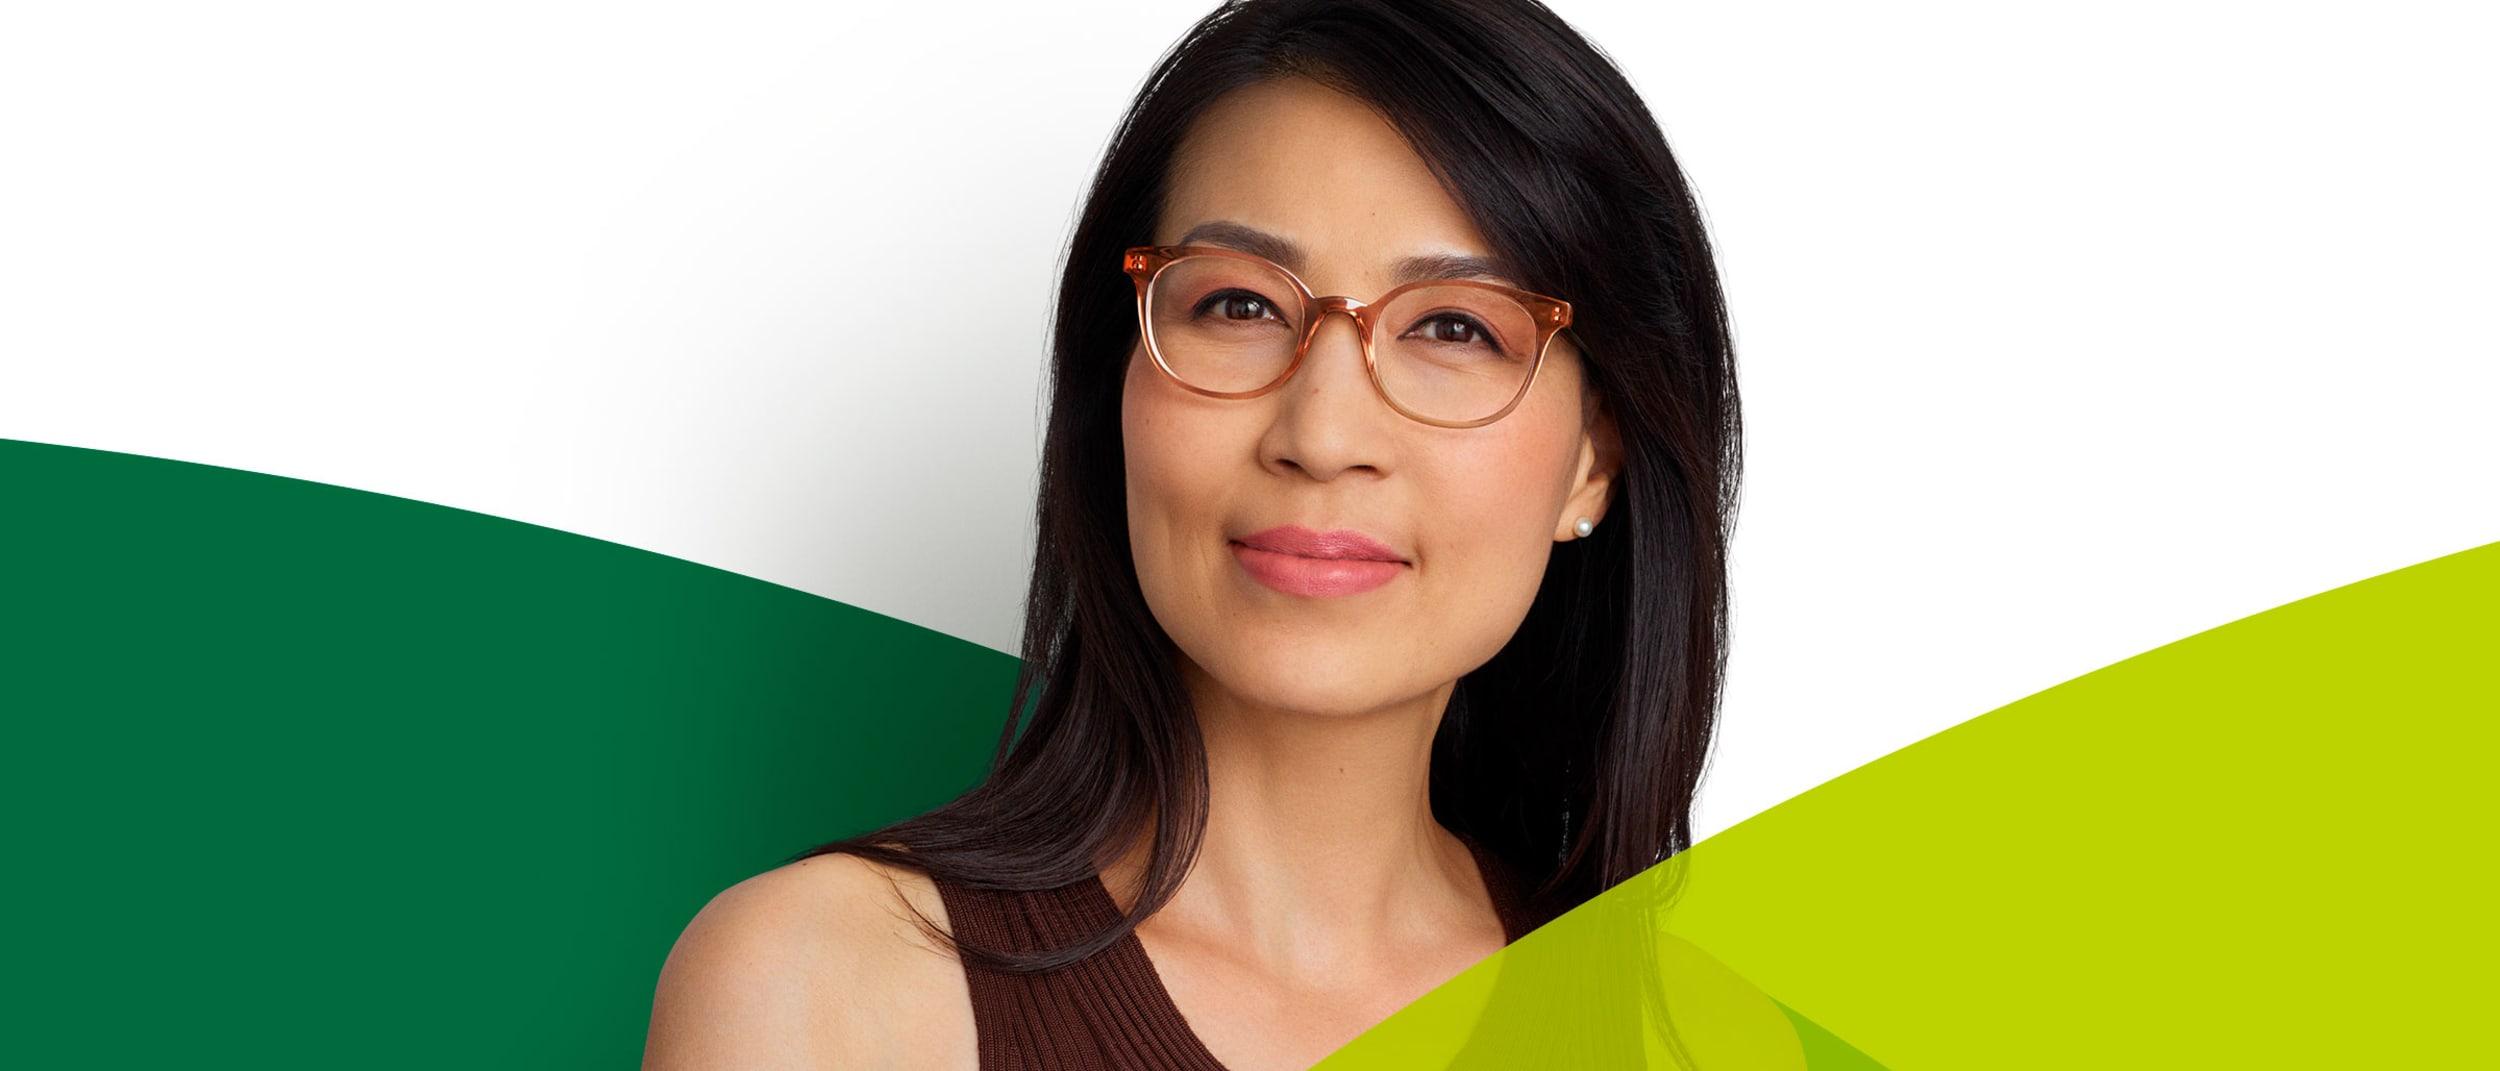 Specsavers: free progressive lenses